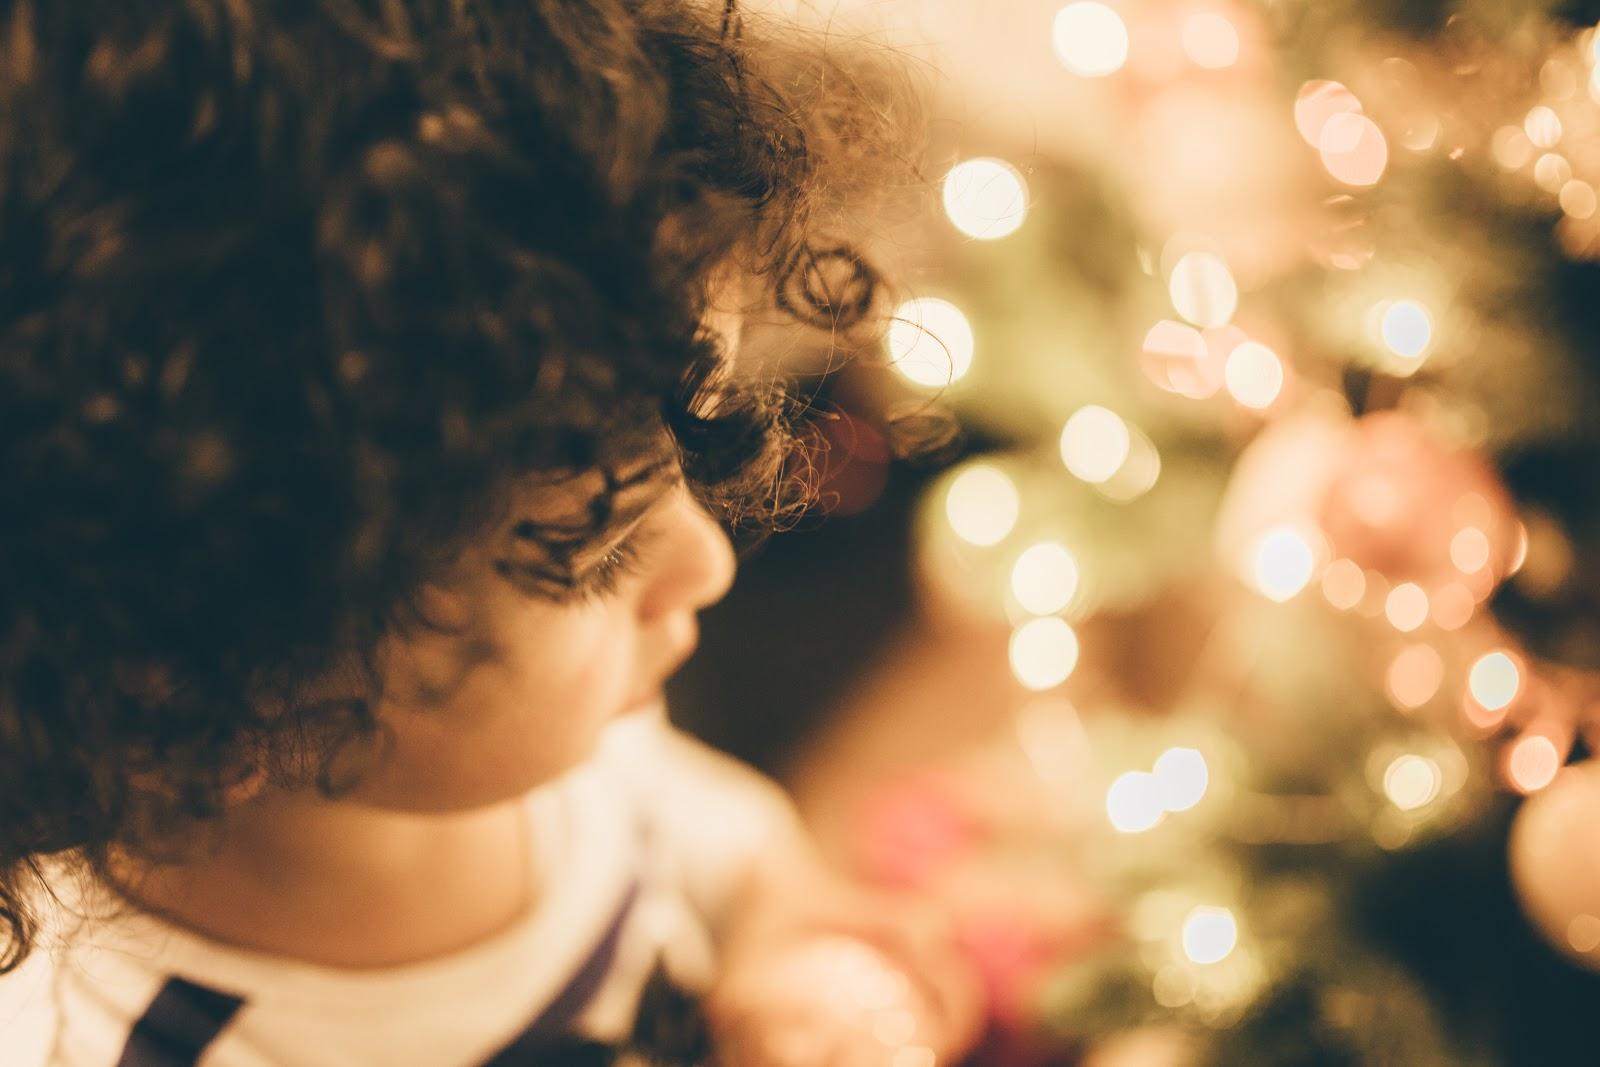 クリスマスの明るい飾り付けの部屋に立つ子供